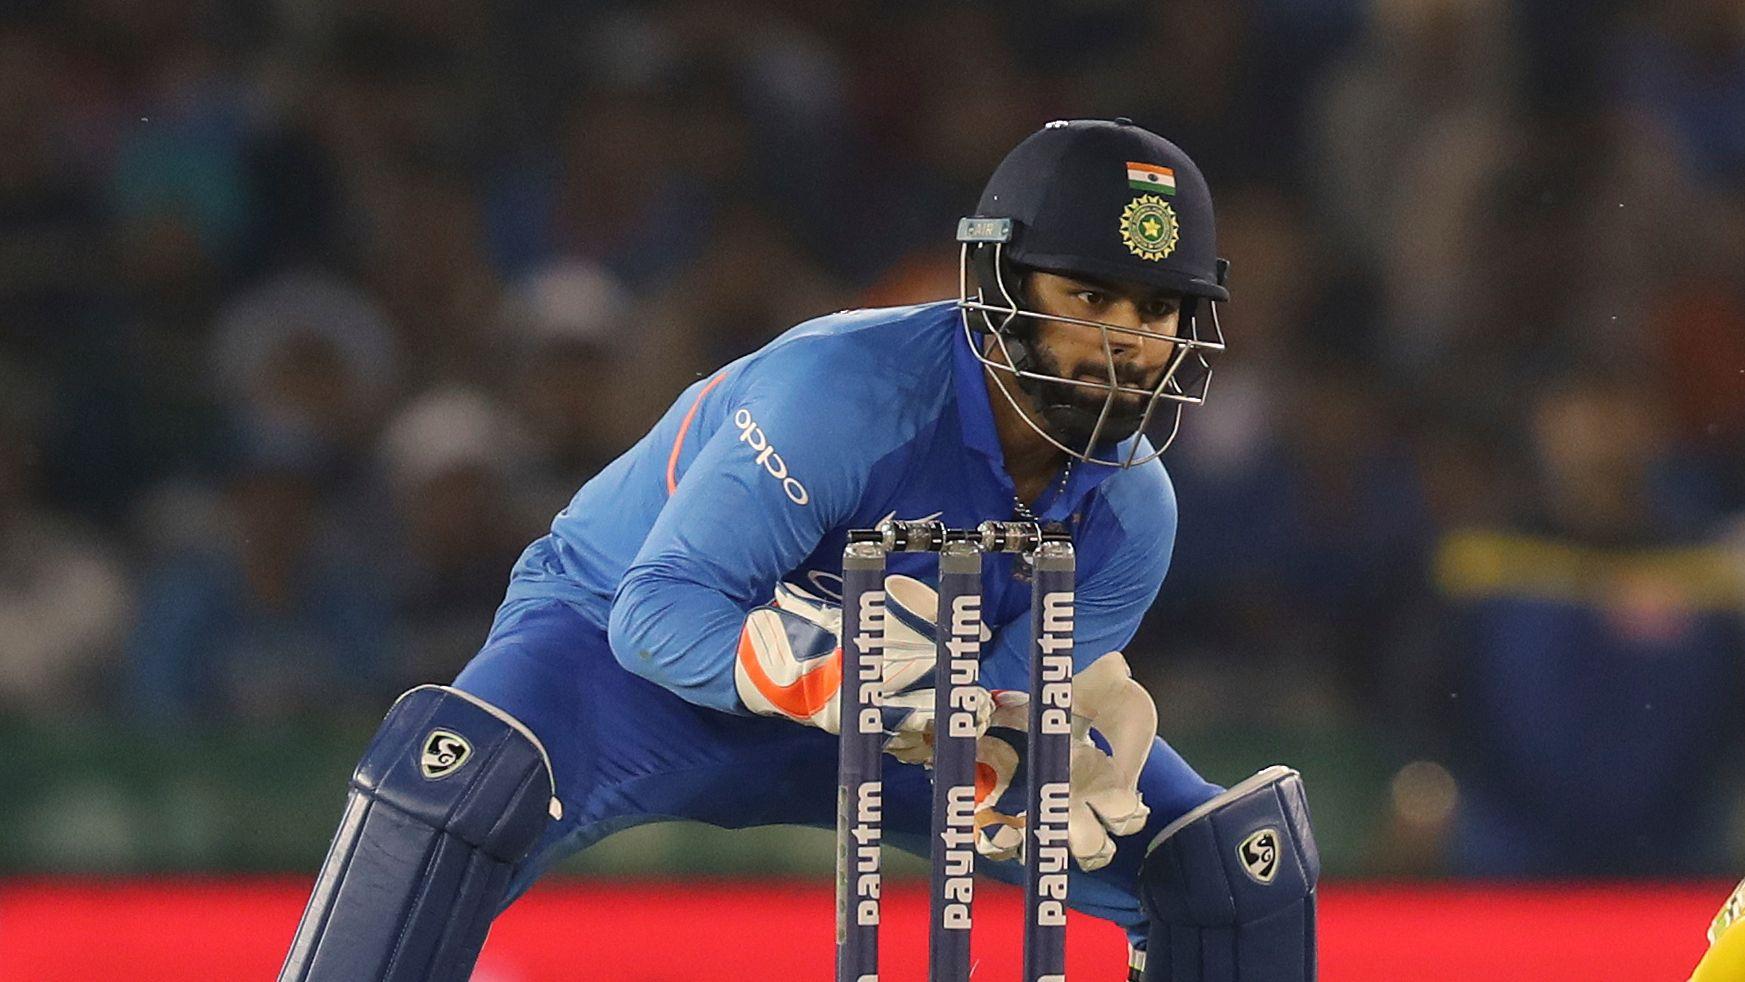 मुख्य चयनकर्ता ने महेंद्र सिंह धोनी और ऋषभ पंत की तुलना में इस खिलाड़ी को बताया नंबर एक 3